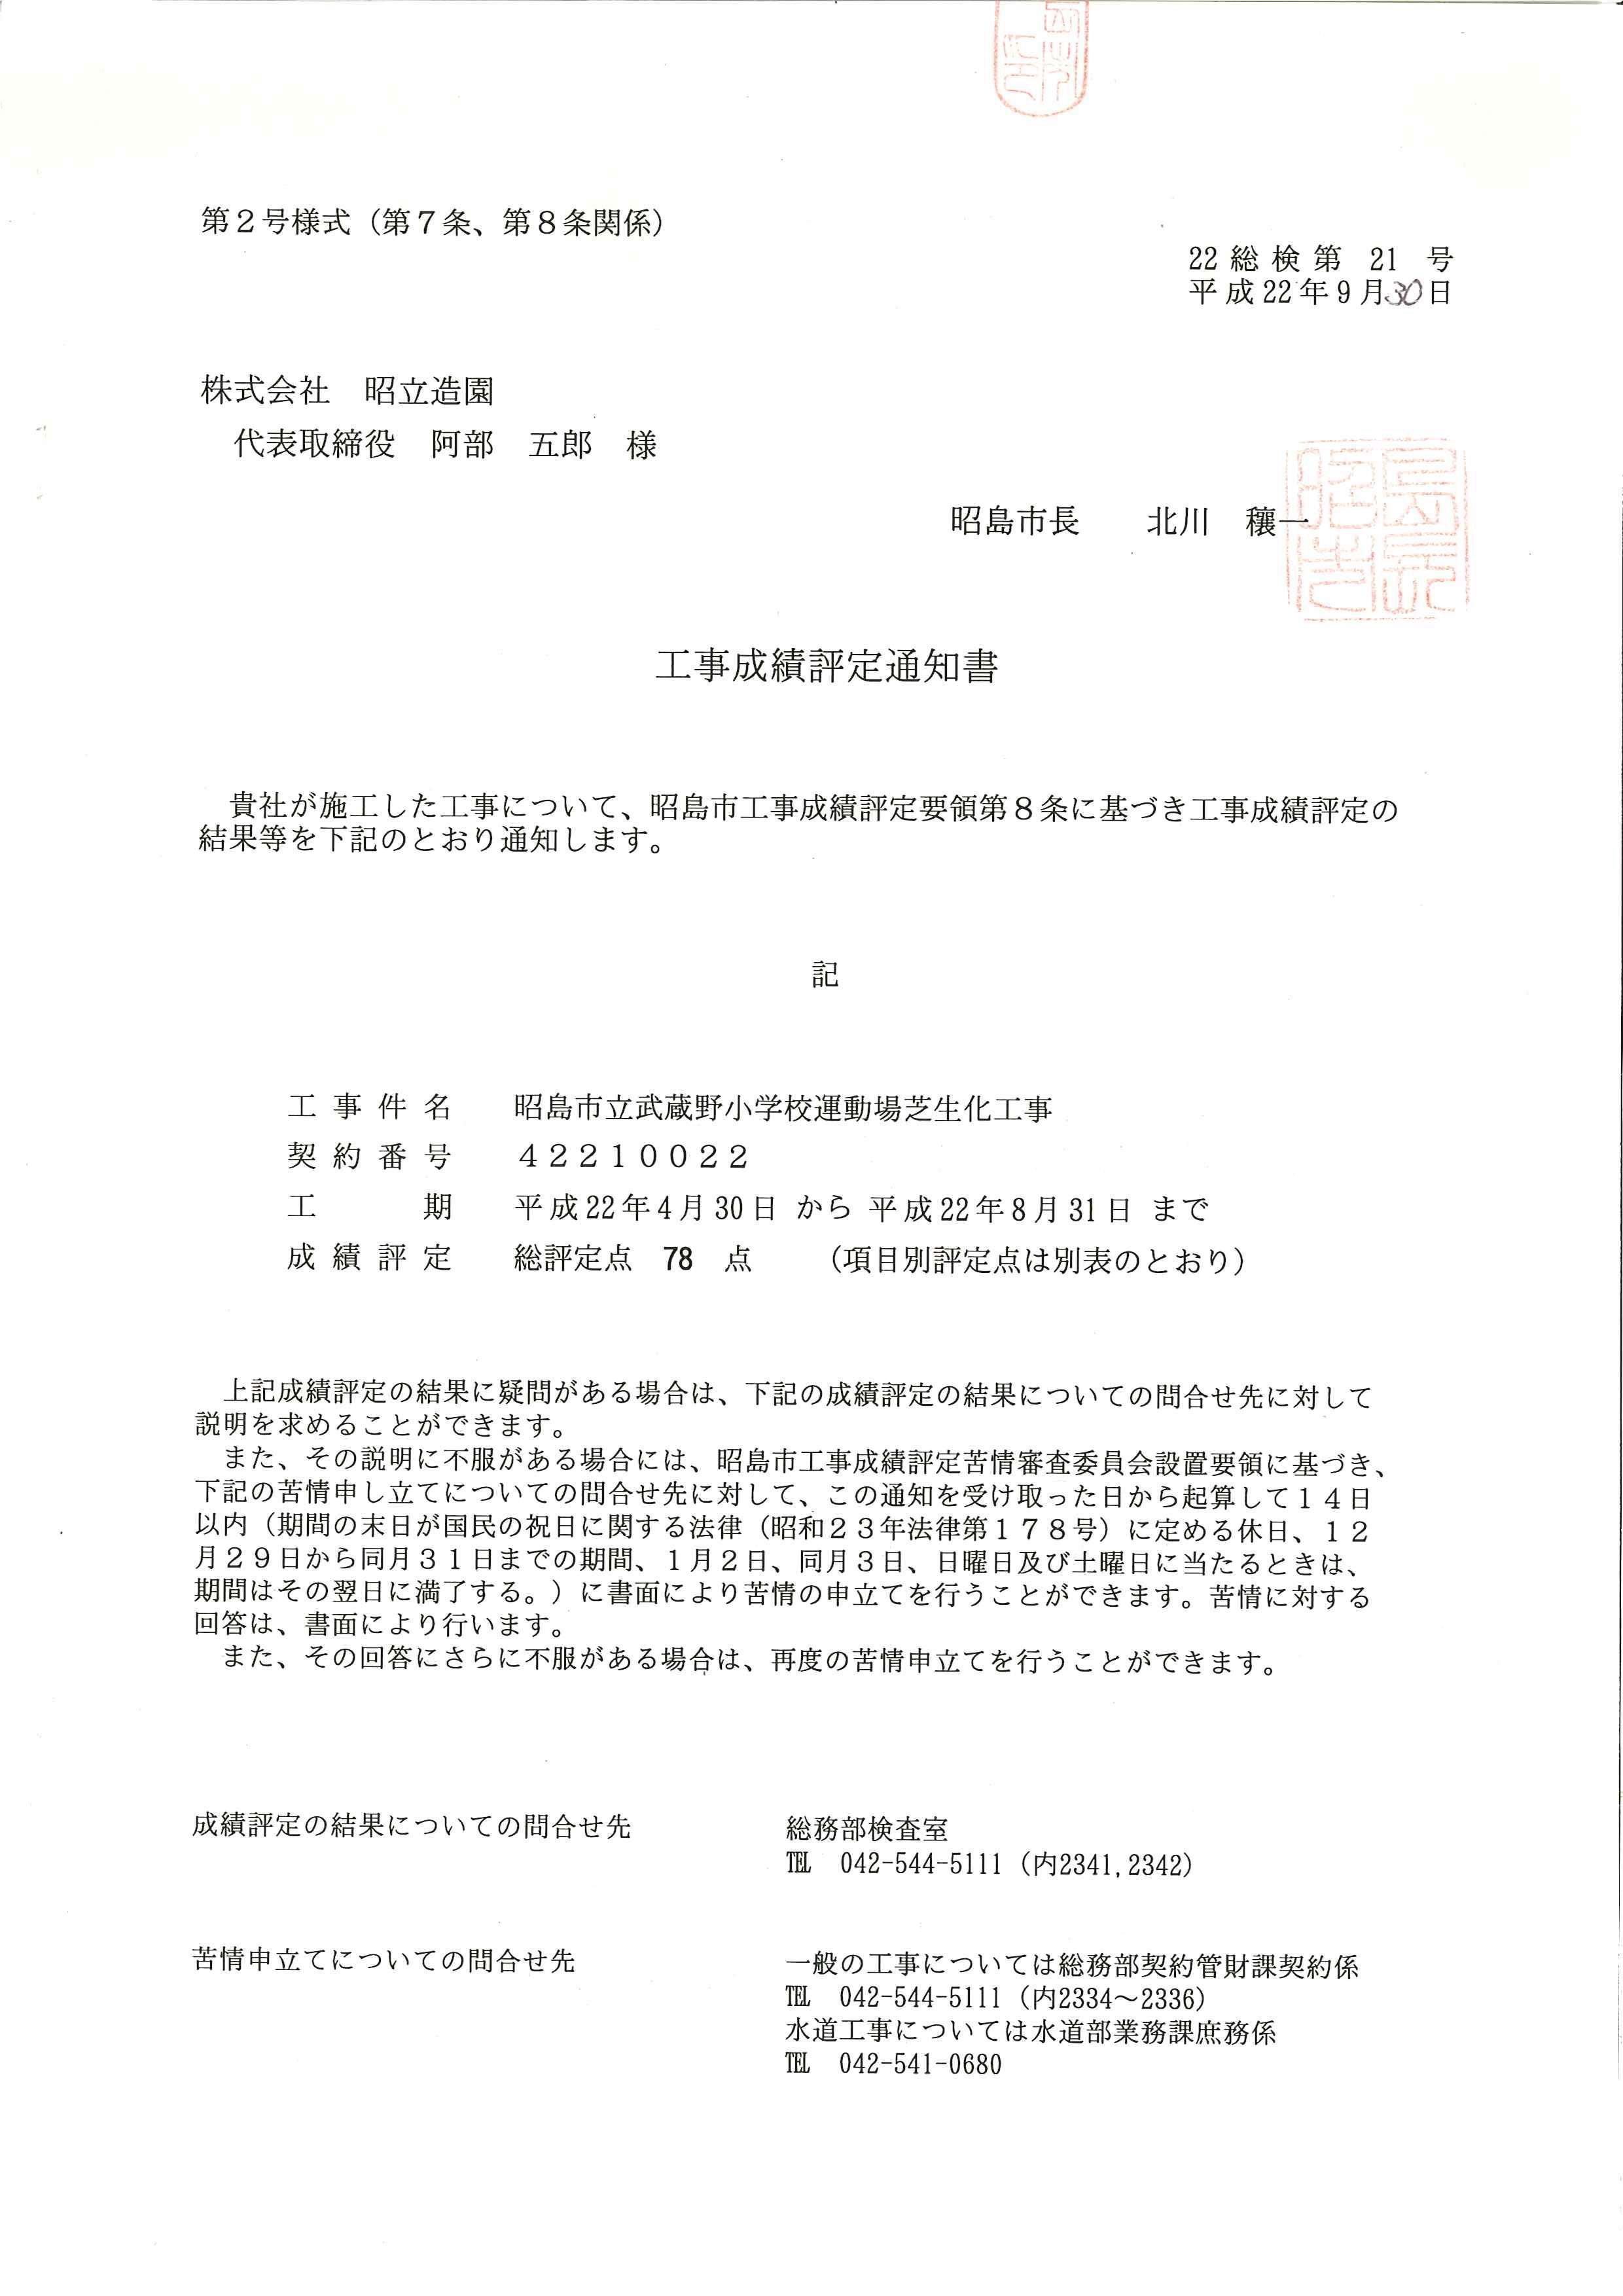 武蔵野小学校 工事成績評定通知書_b0172896_1721354.jpg